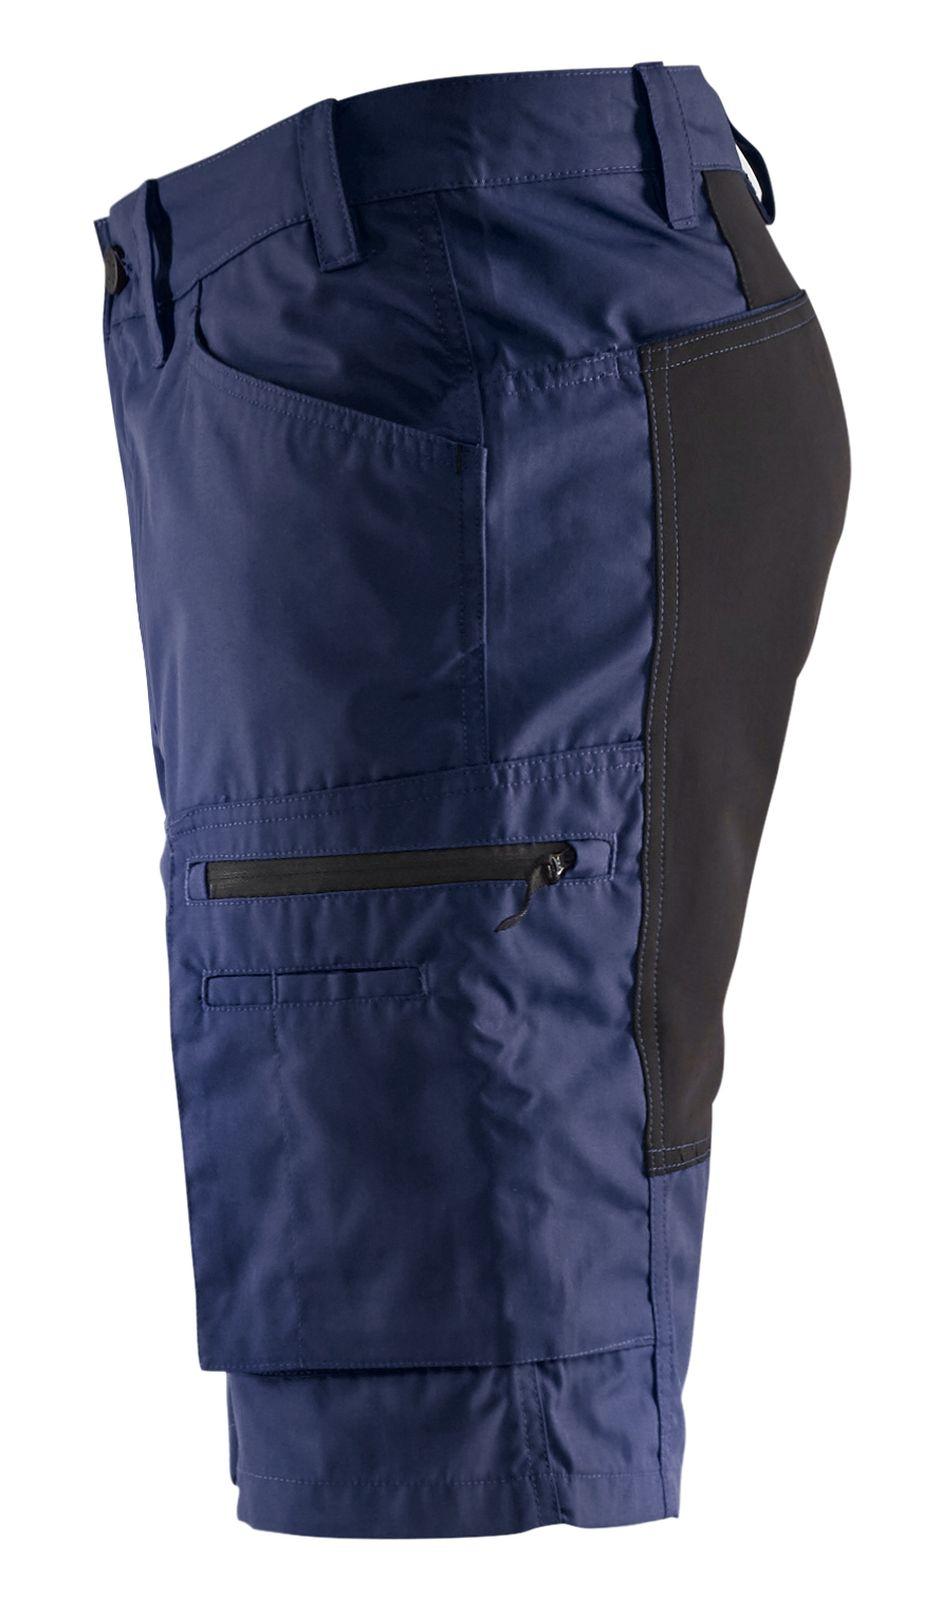 Blaklader Broeken 14491845 met Stretch marineblauw-zwart(8999)